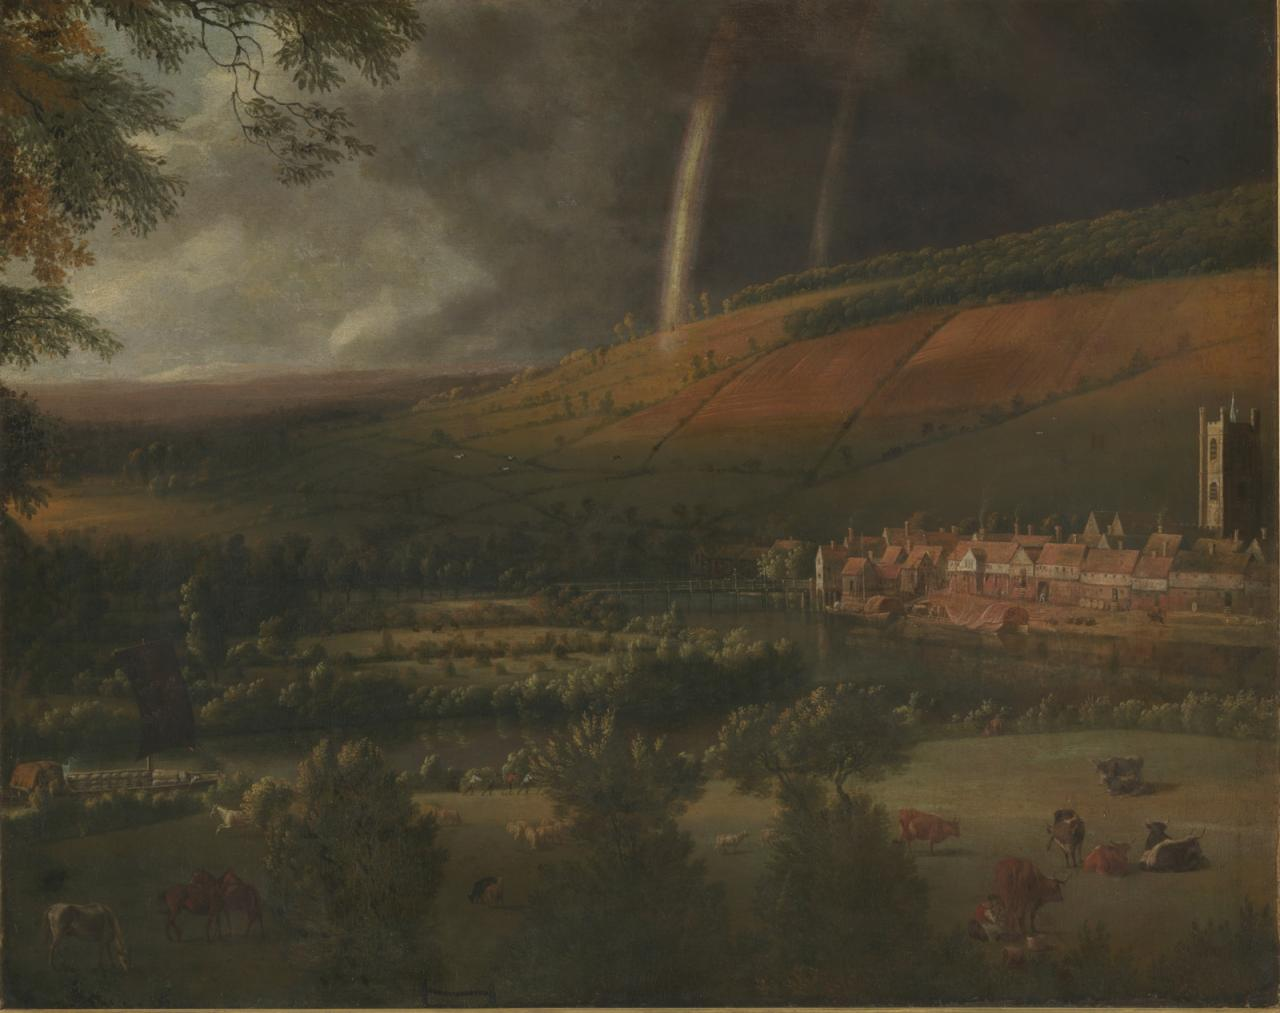 扬.希柏瑞《泰晤士河畔亨利小镇的彩虹》的图片